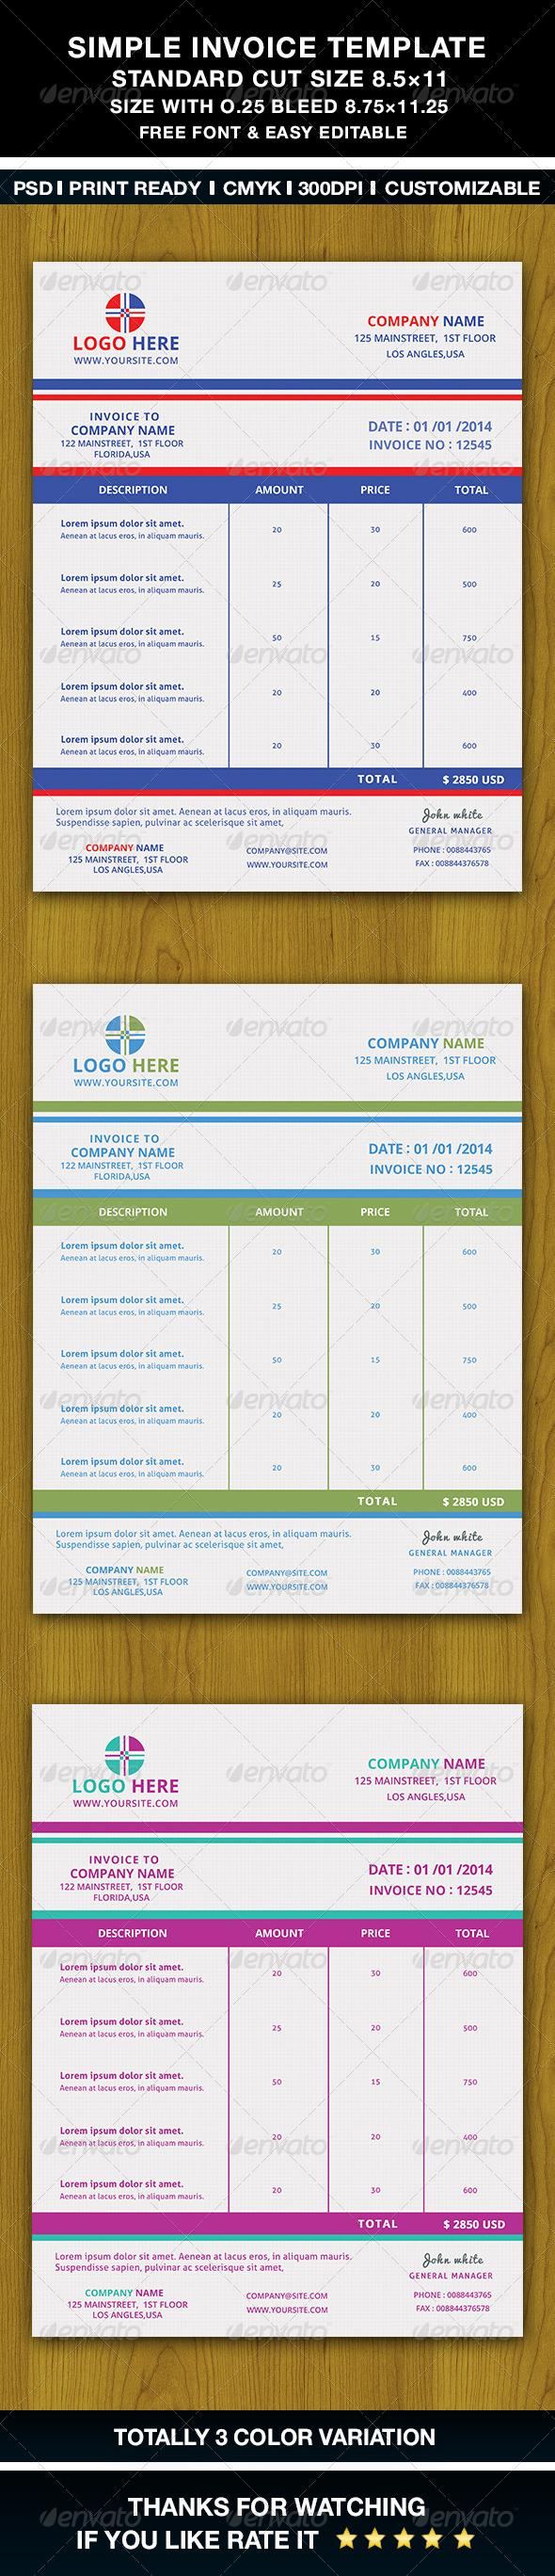 GraphicRiver Simple Invoice Template 6511133